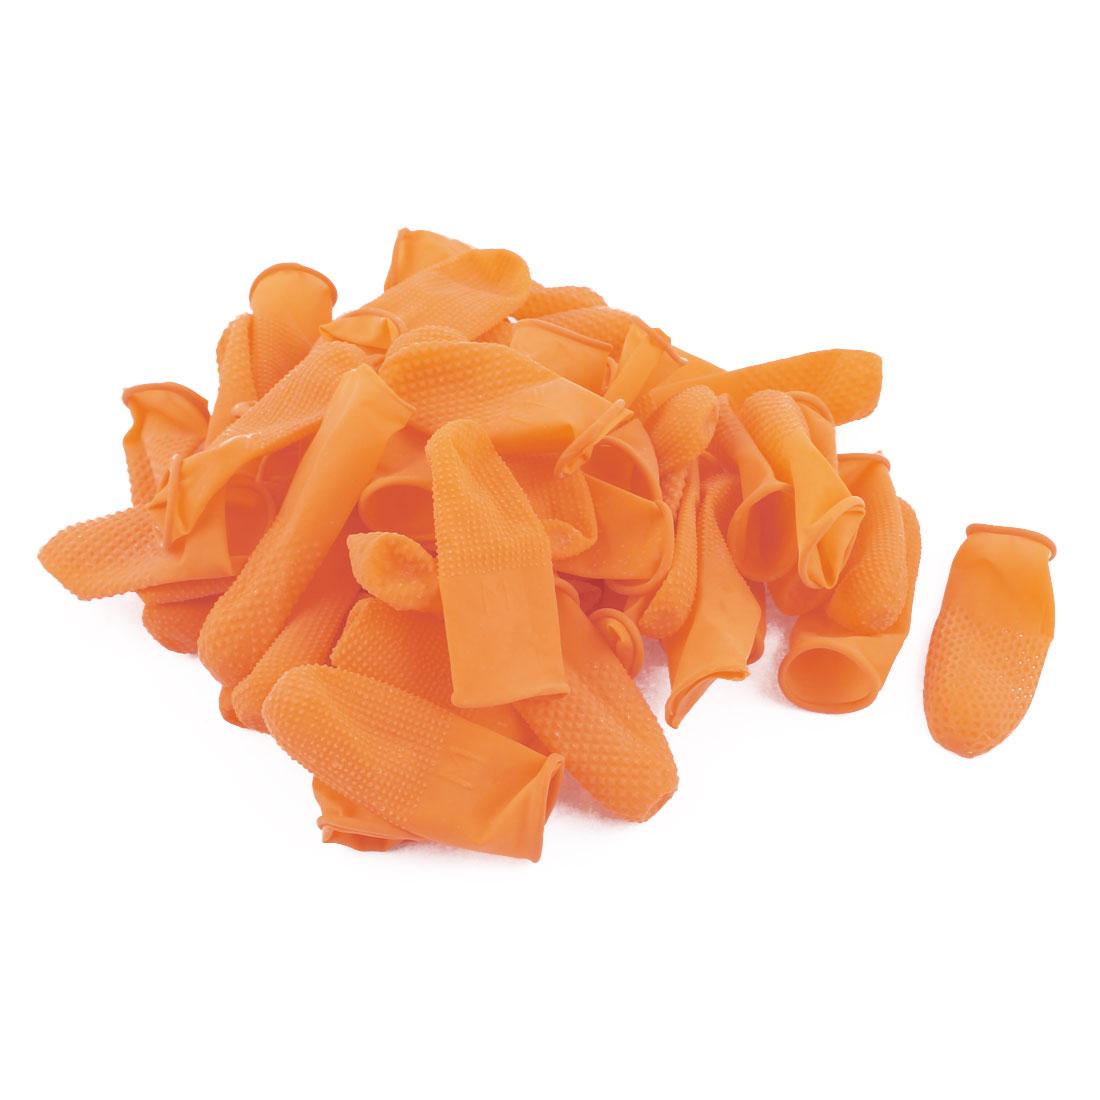 100pcs Antislip Fingertips Gloves Latex Rubber Finger Cots Antistatic Gloves